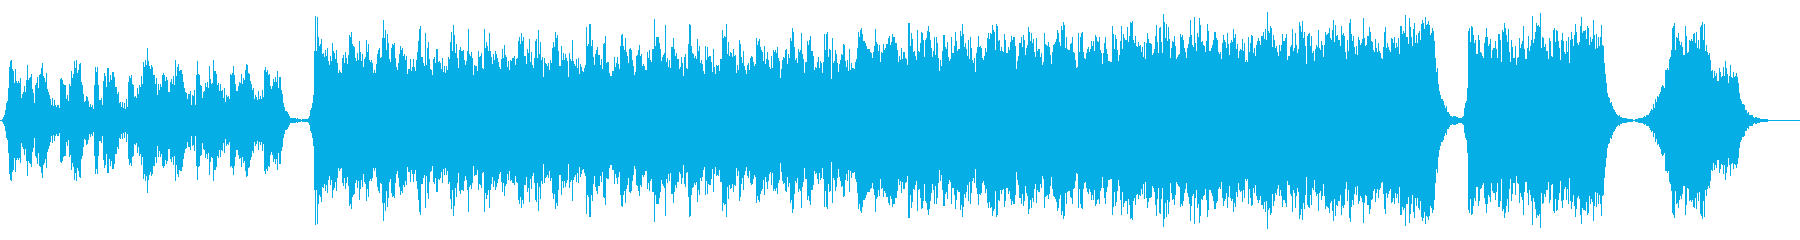 映画・トレーラーの再生済みの波形